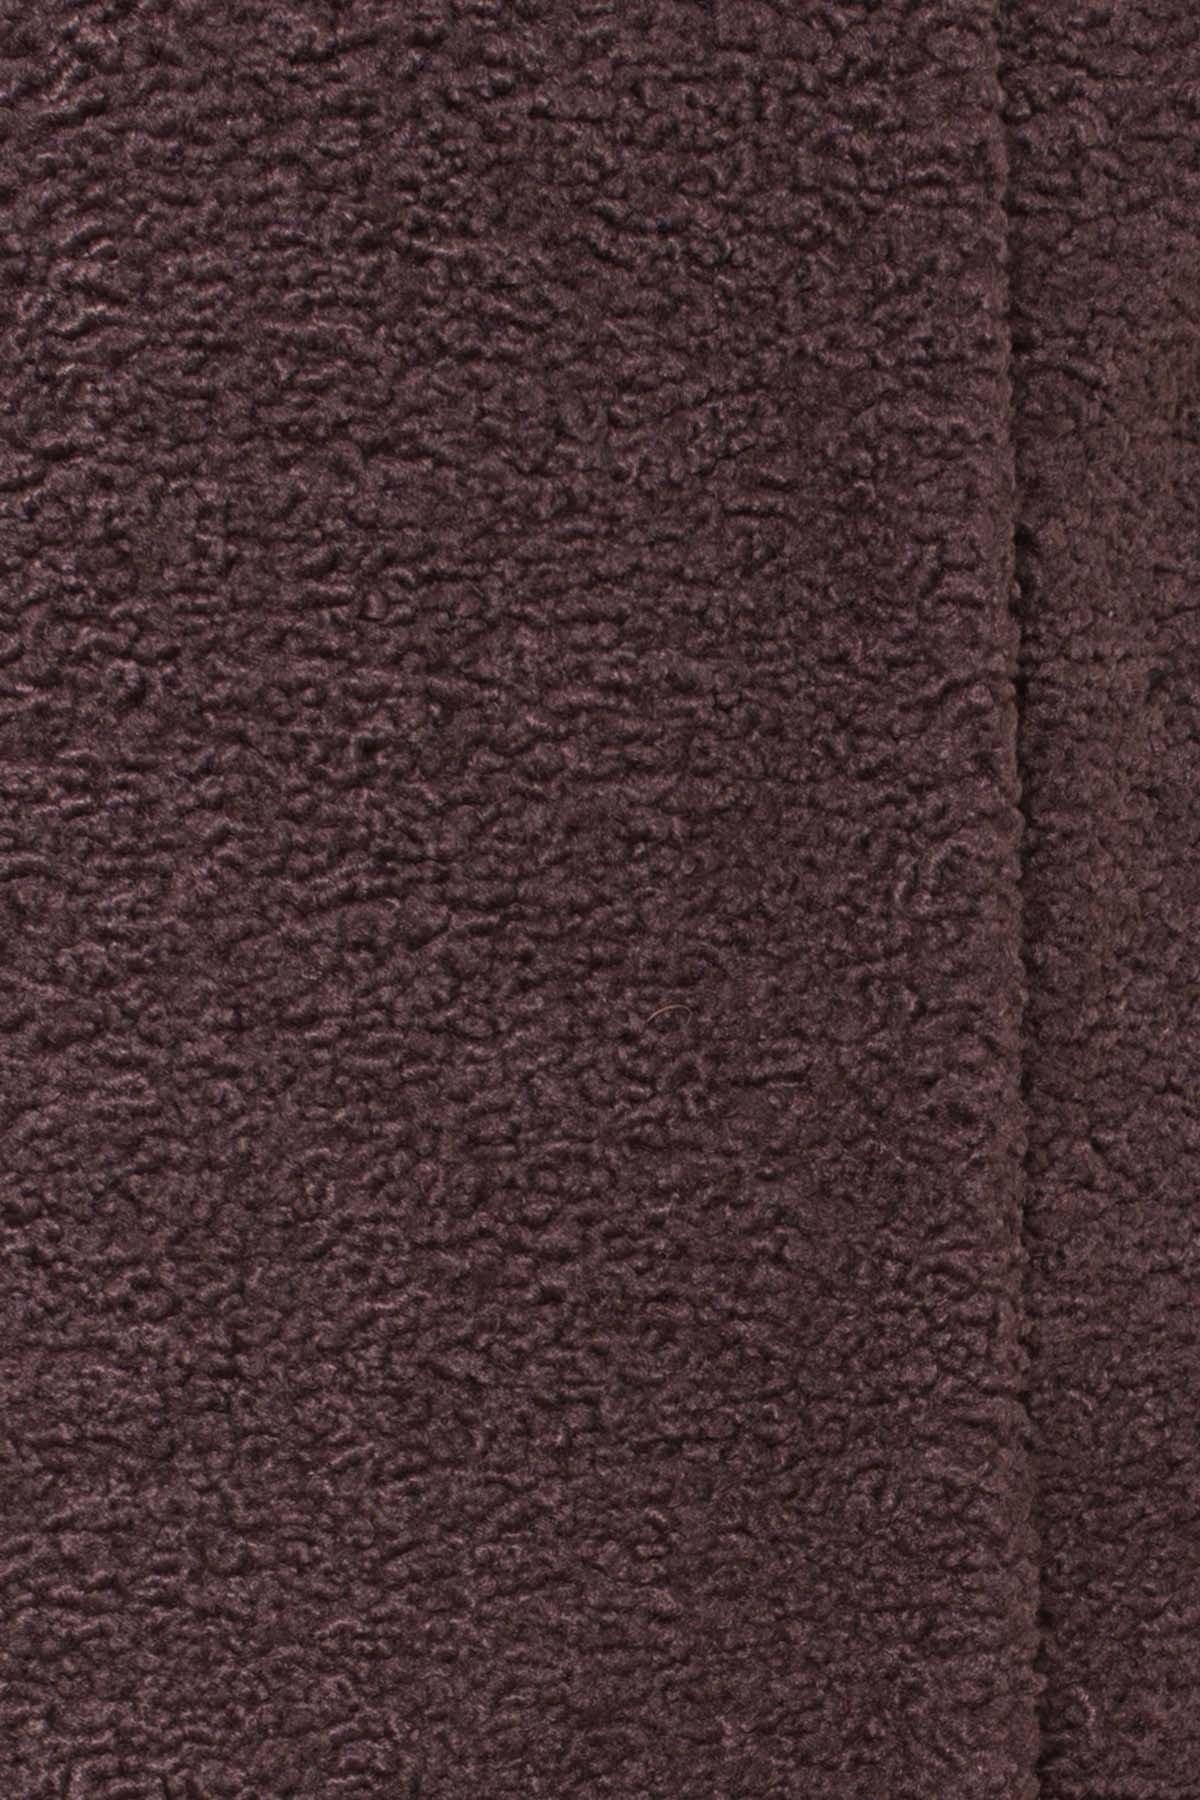 Пальто меховое зима Приора 6011 АРТ. 40971 Цвет: Шоколад - фото 6, интернет магазин tm-modus.ru